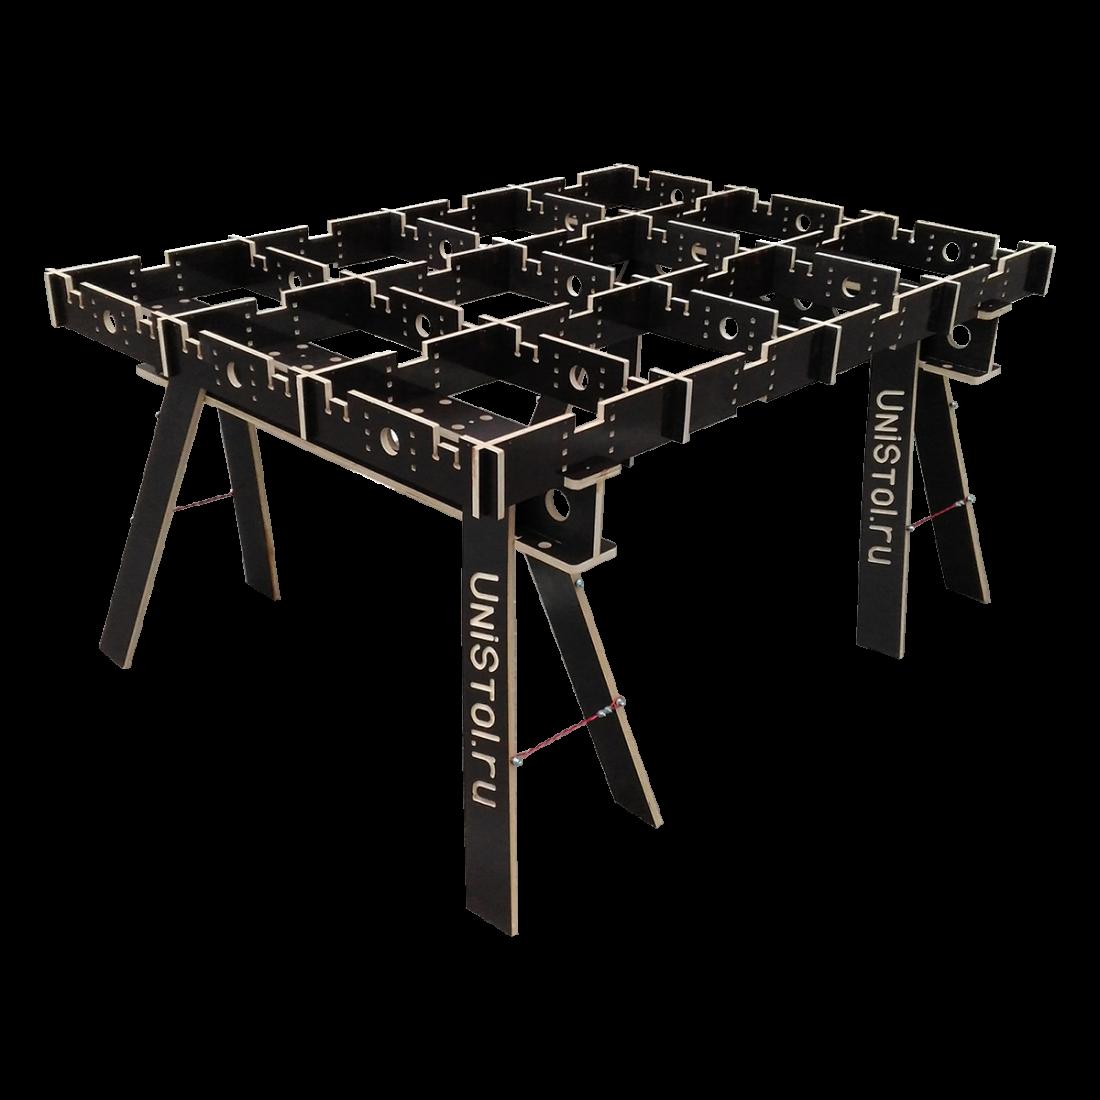 Ячеистый стол для раскроя листовых материалов 1600x1200 мм без столешницы